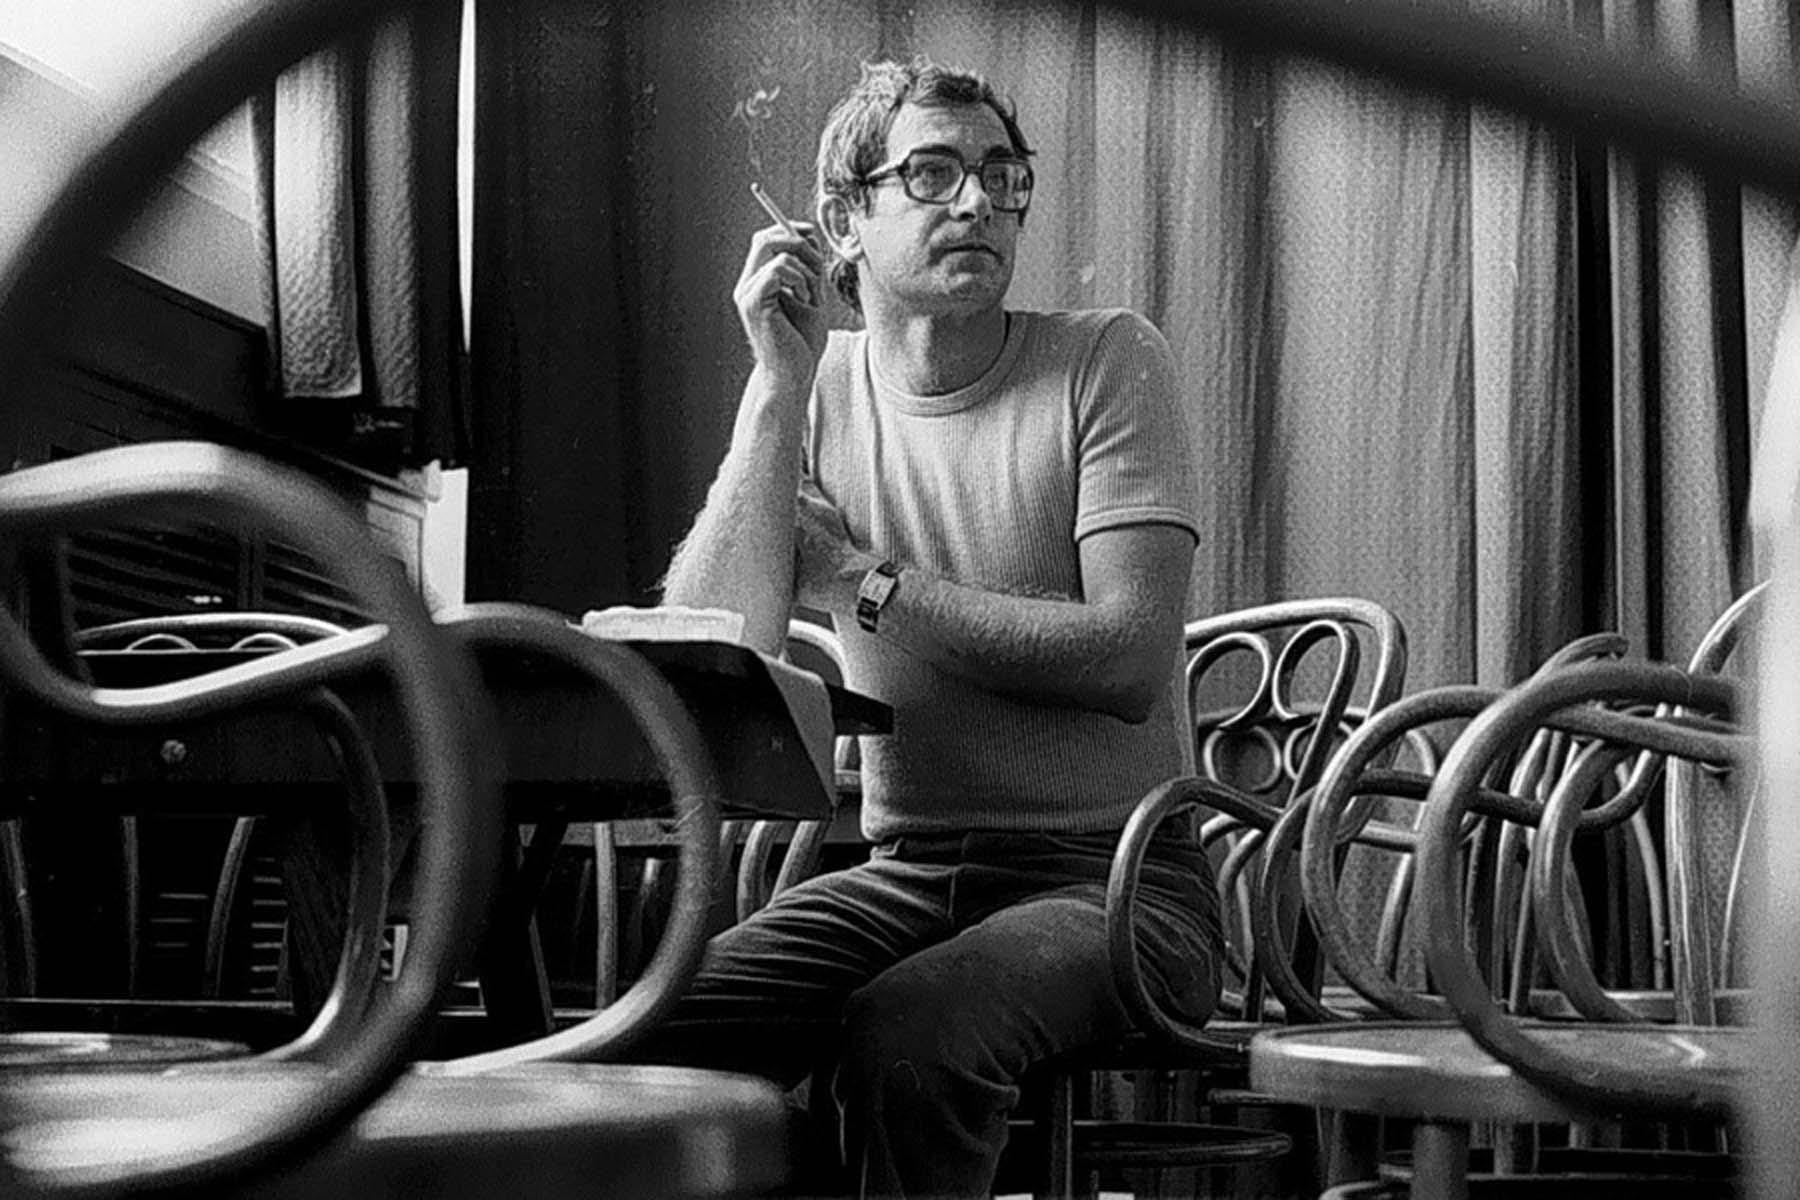 Krzysztof Kieślowski kimdir? Nerede doğdu? Kaç yaşında, neden öldü? Krzysztof Kieślowski filmleri neler?